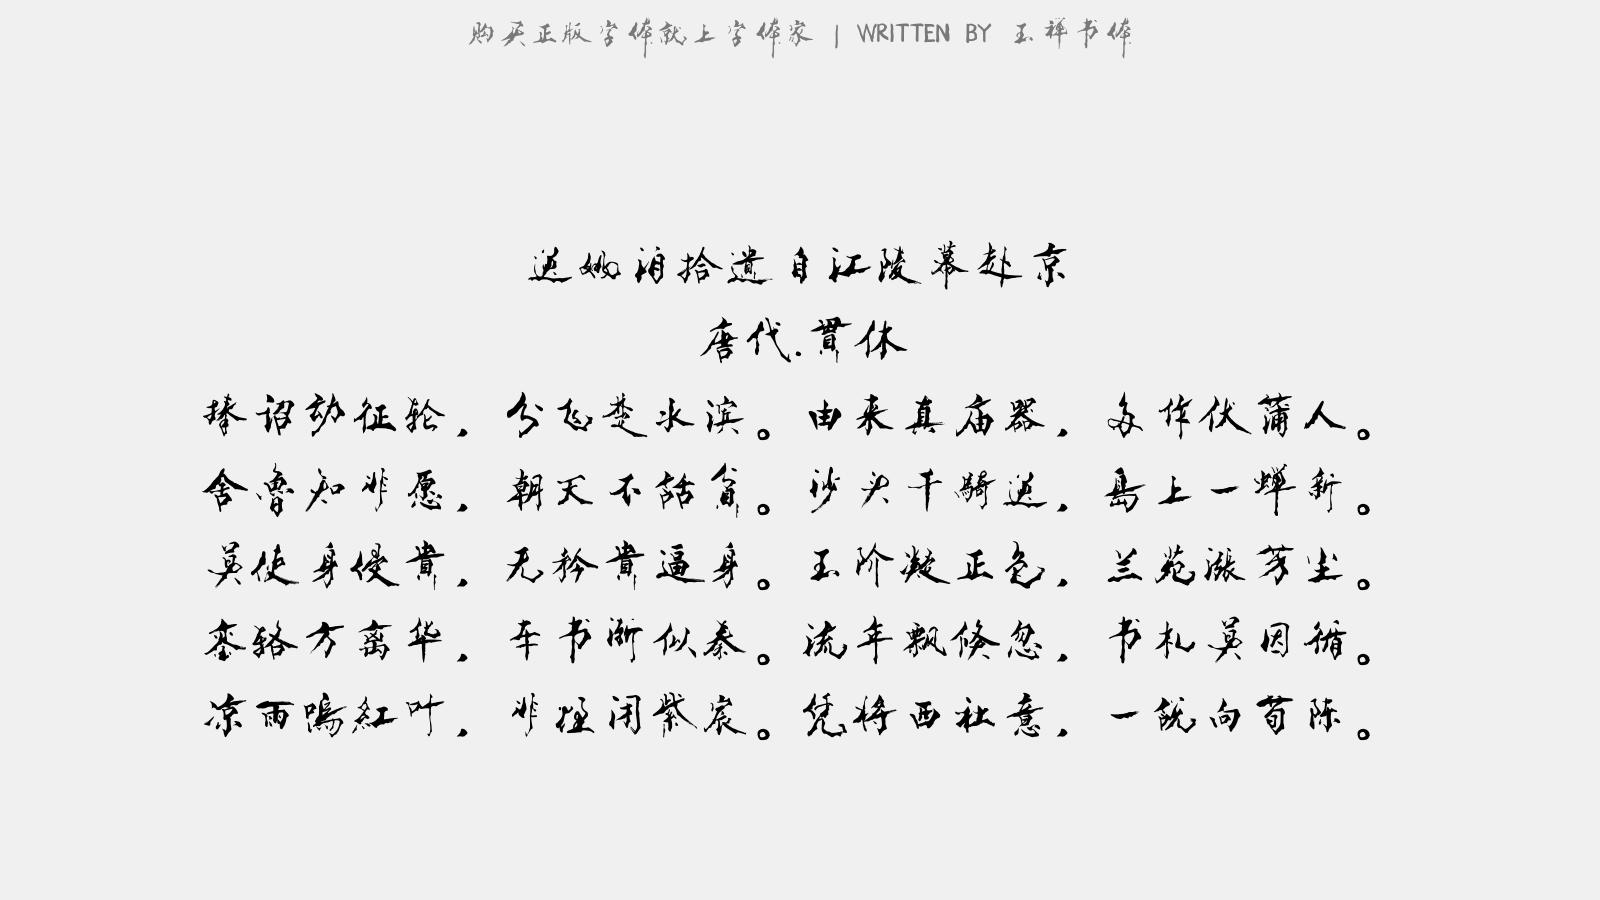 玉禪書體 - 送姚洎拾遺自江陵幕赴京